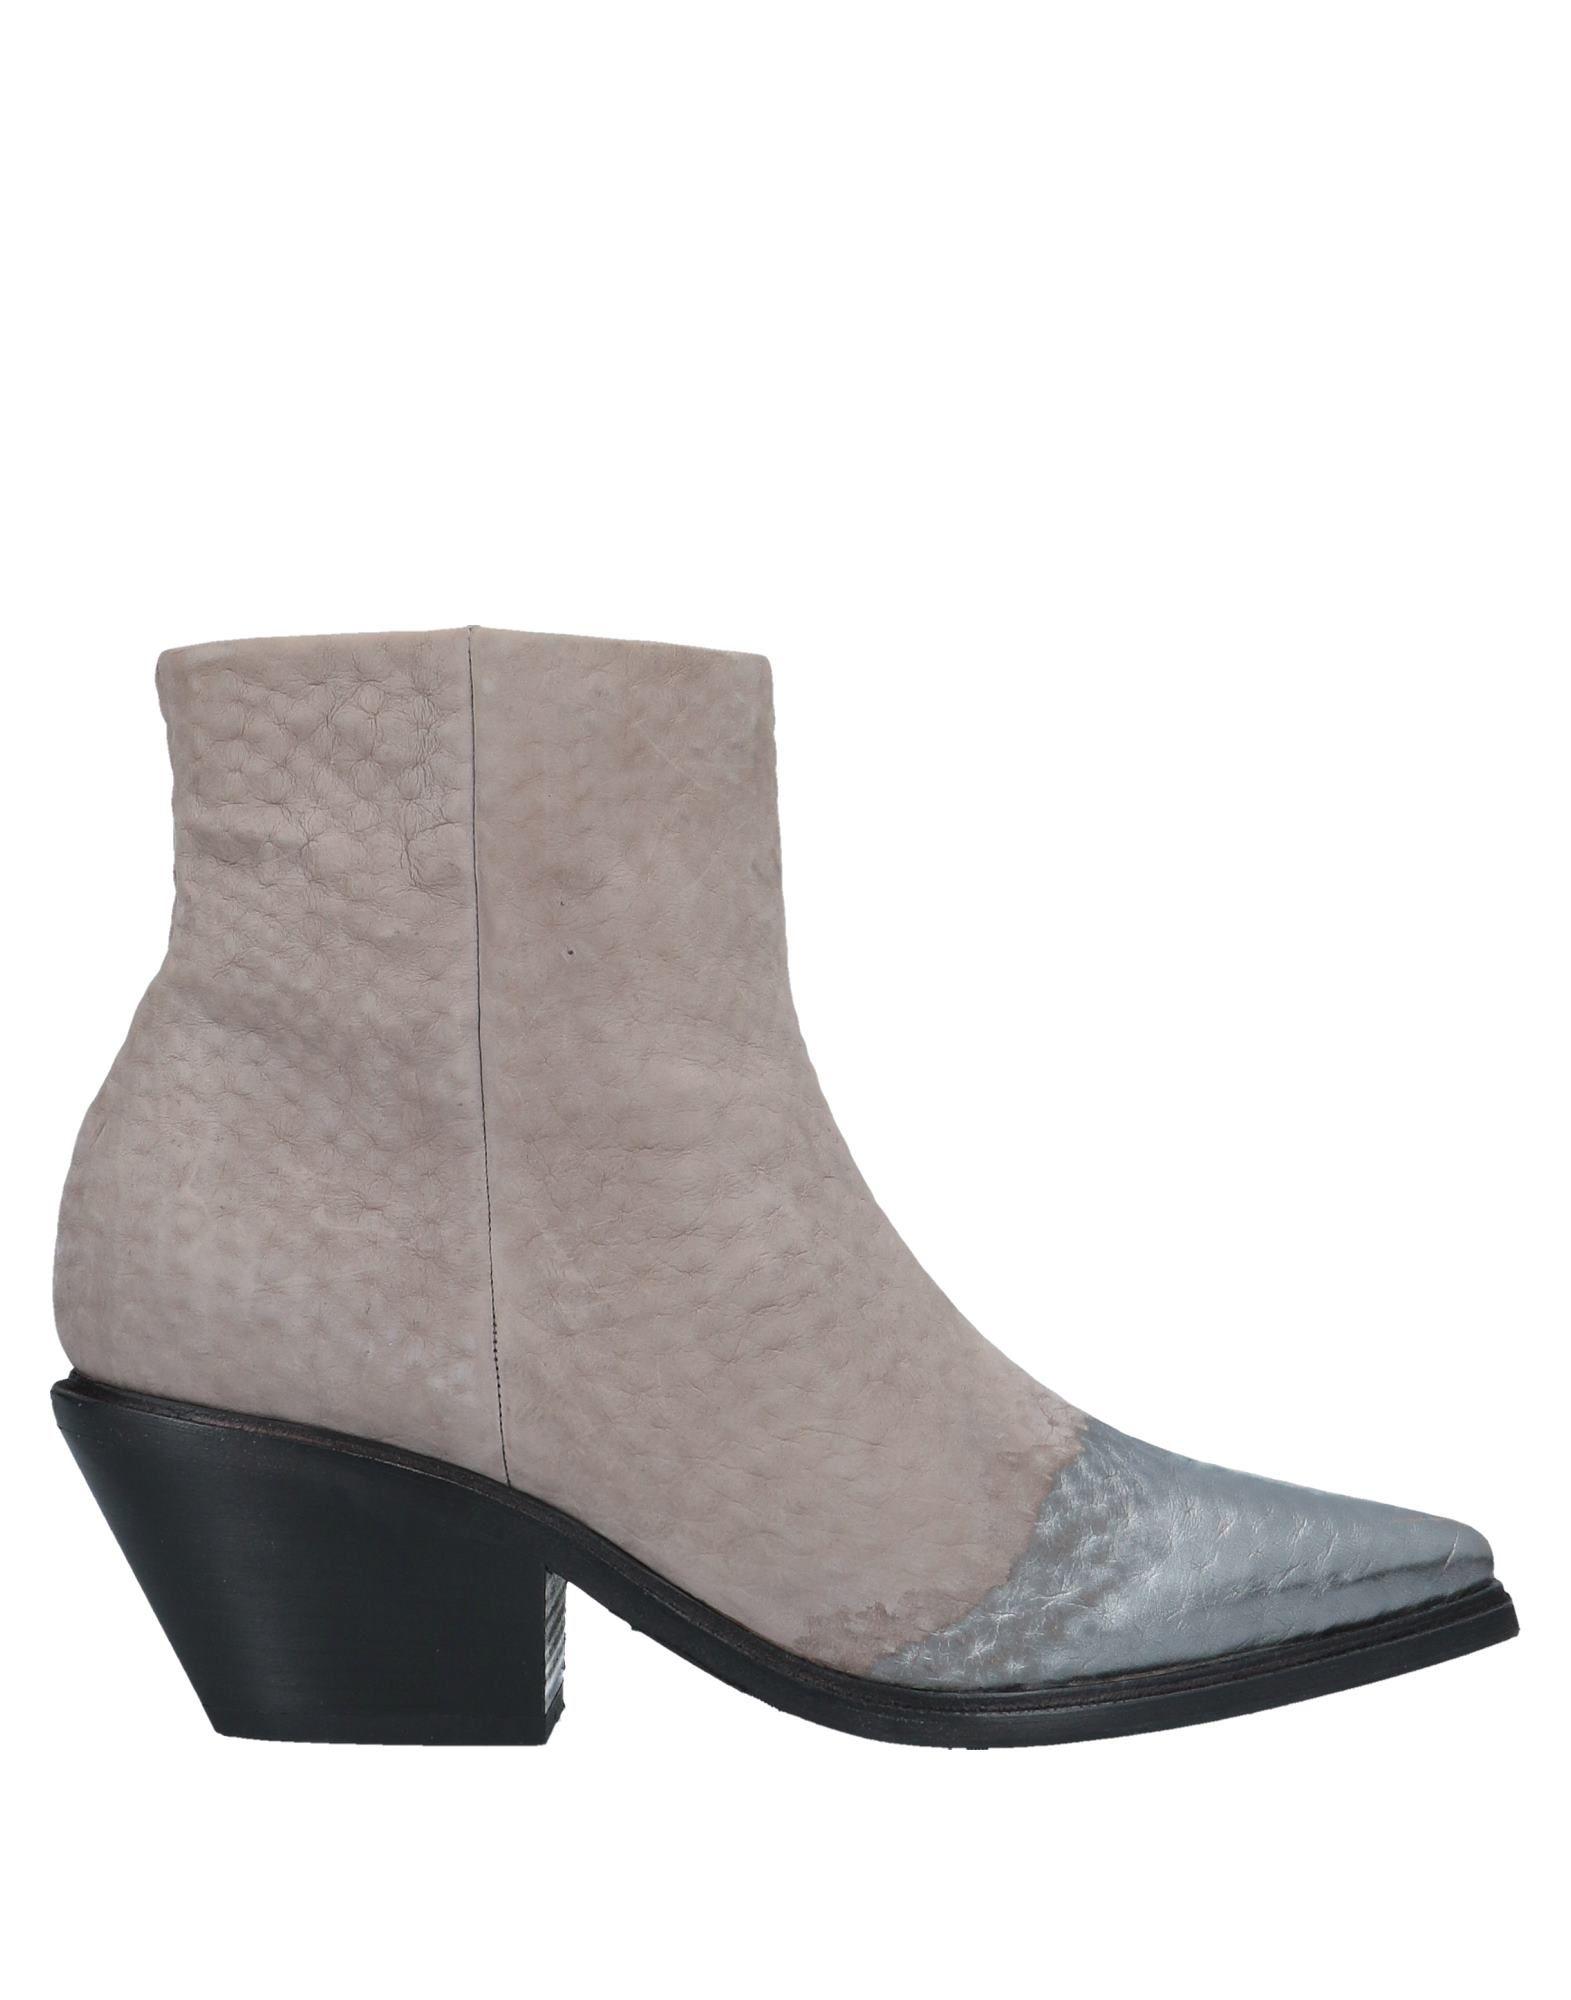 Vic Matiē Stiefelette Damen  11547646FXGut aussehende strapazierfähige Schuhe